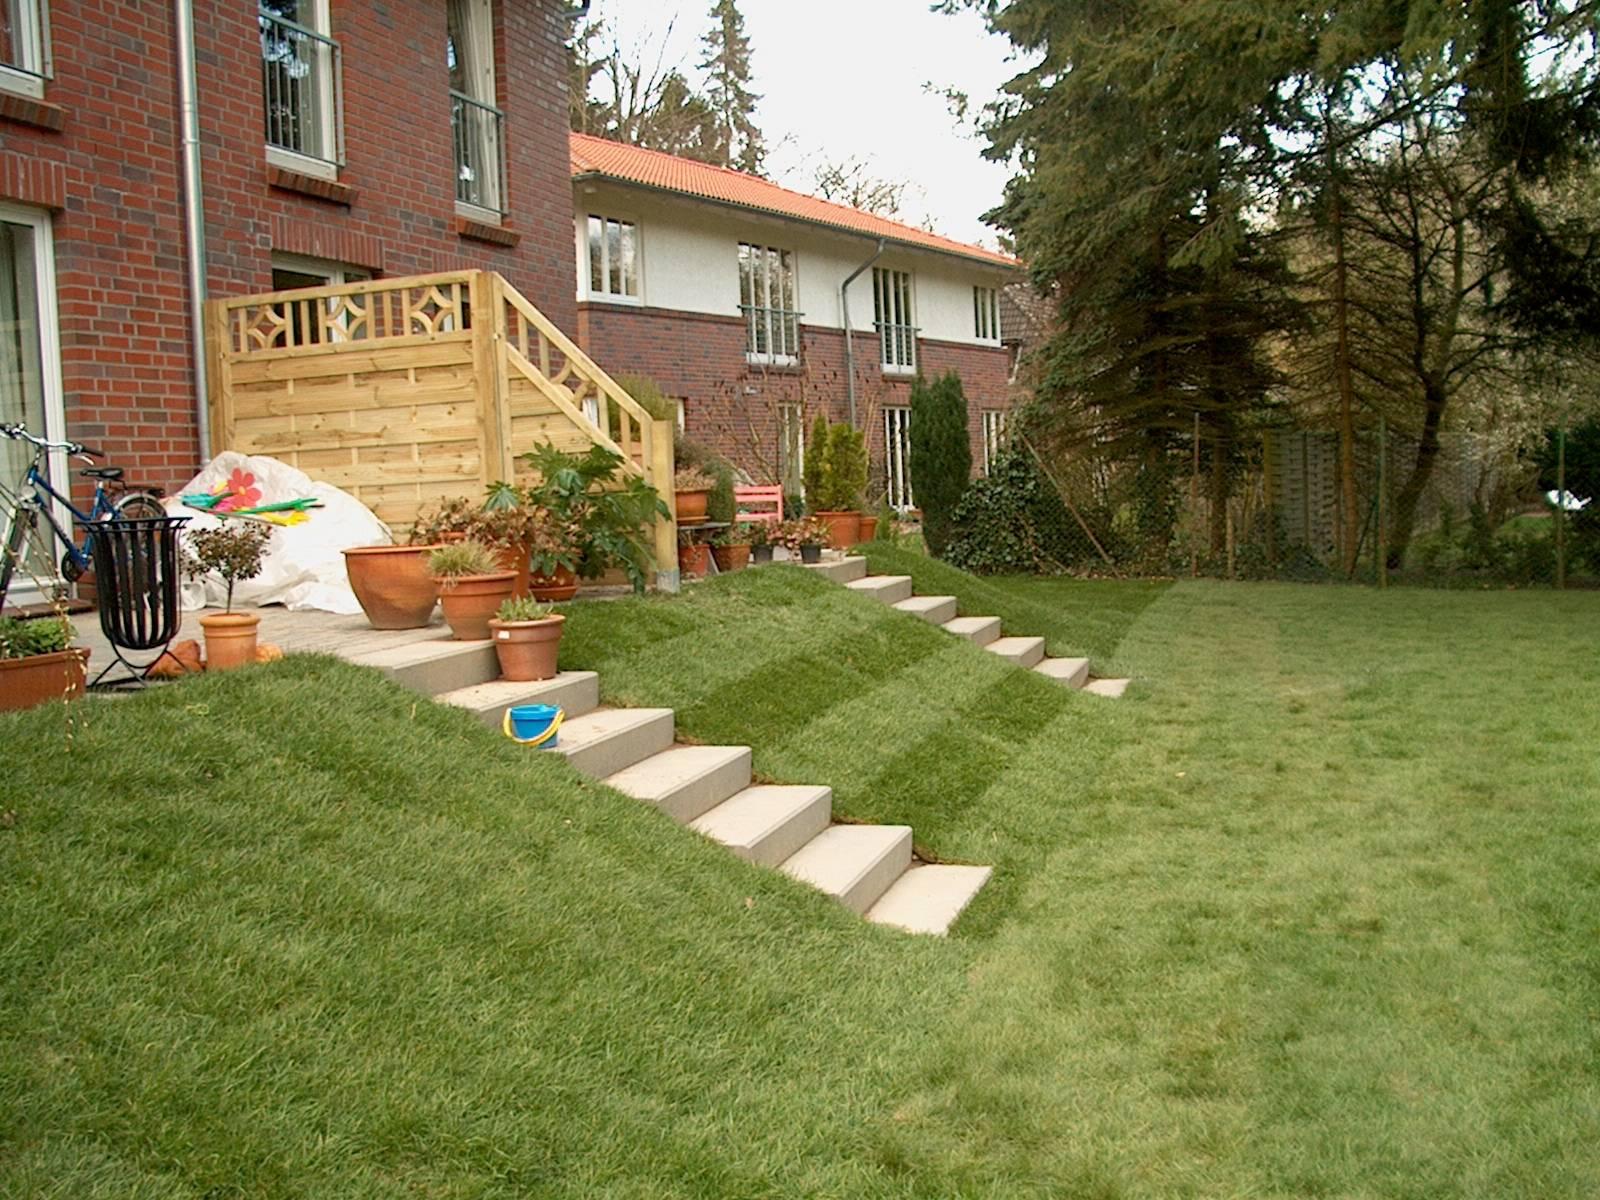 terrasse mit stufen | righini garten- und landschaftsbau, Gartenarbeit ideen